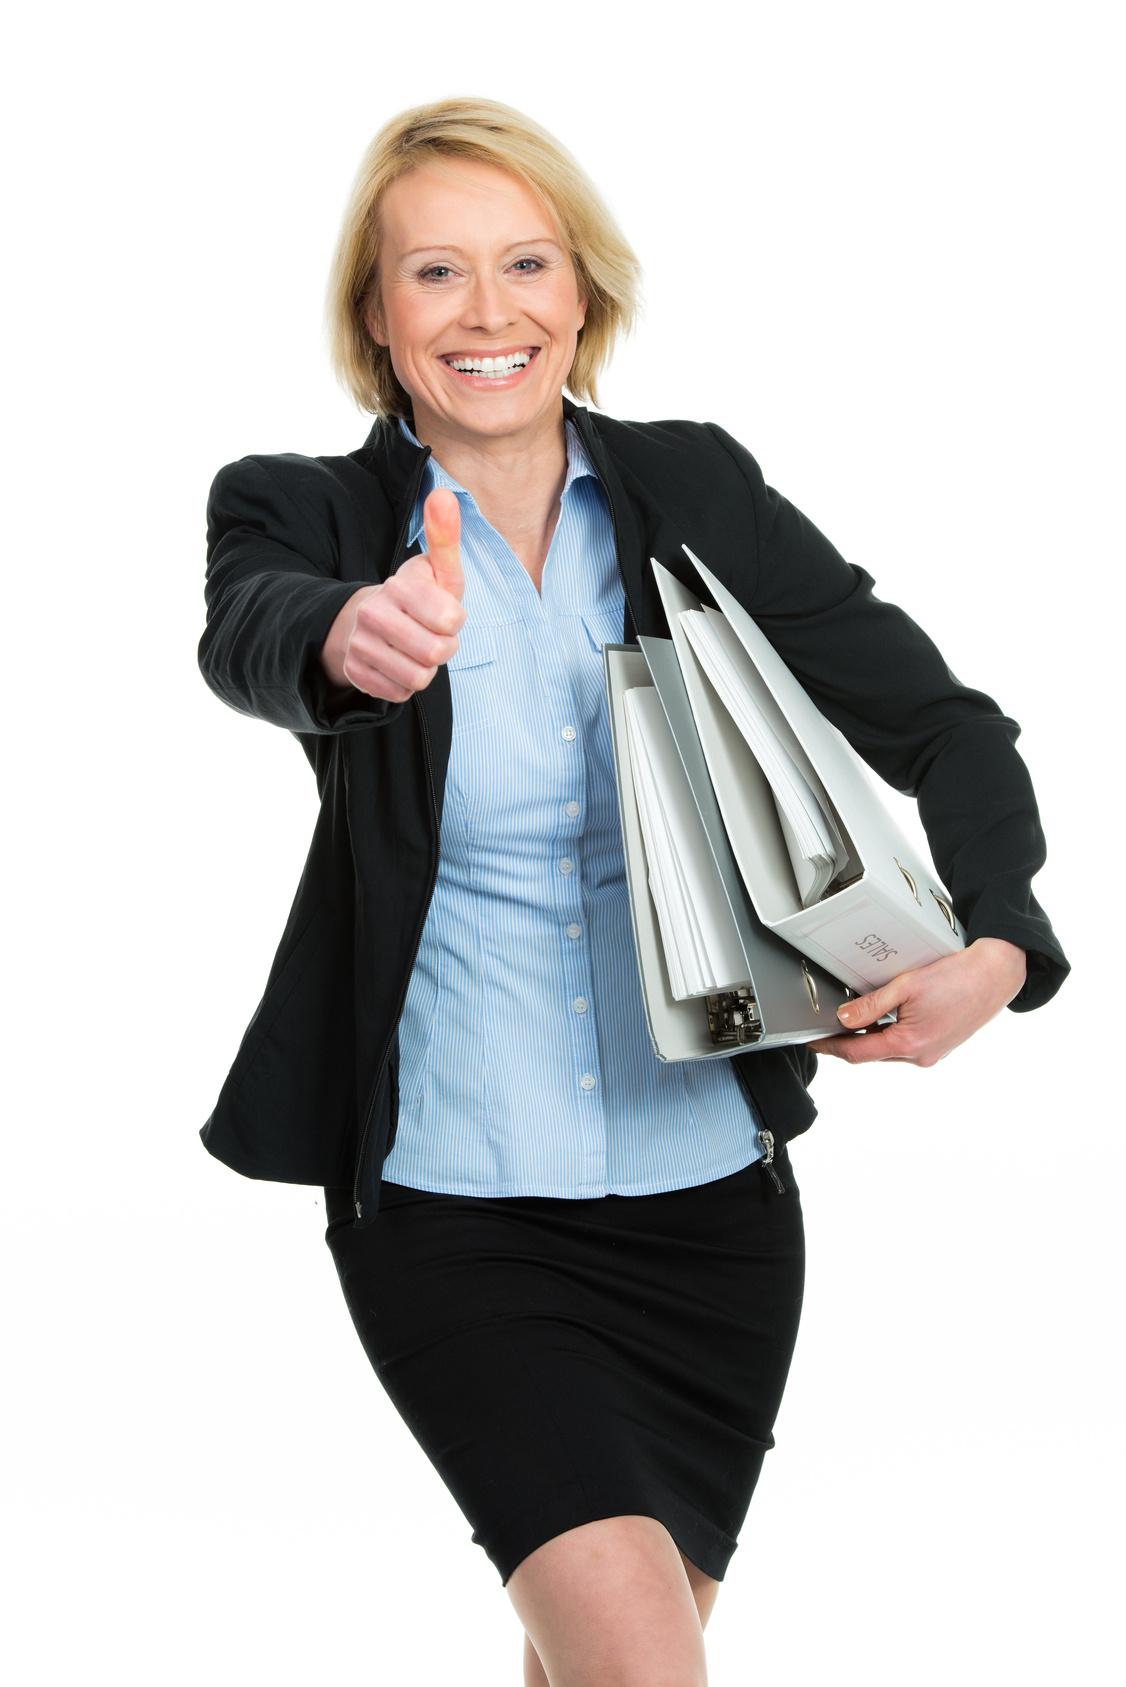 Mit voller Motivation voraus – Ihre Jobsuche mit IPSER!